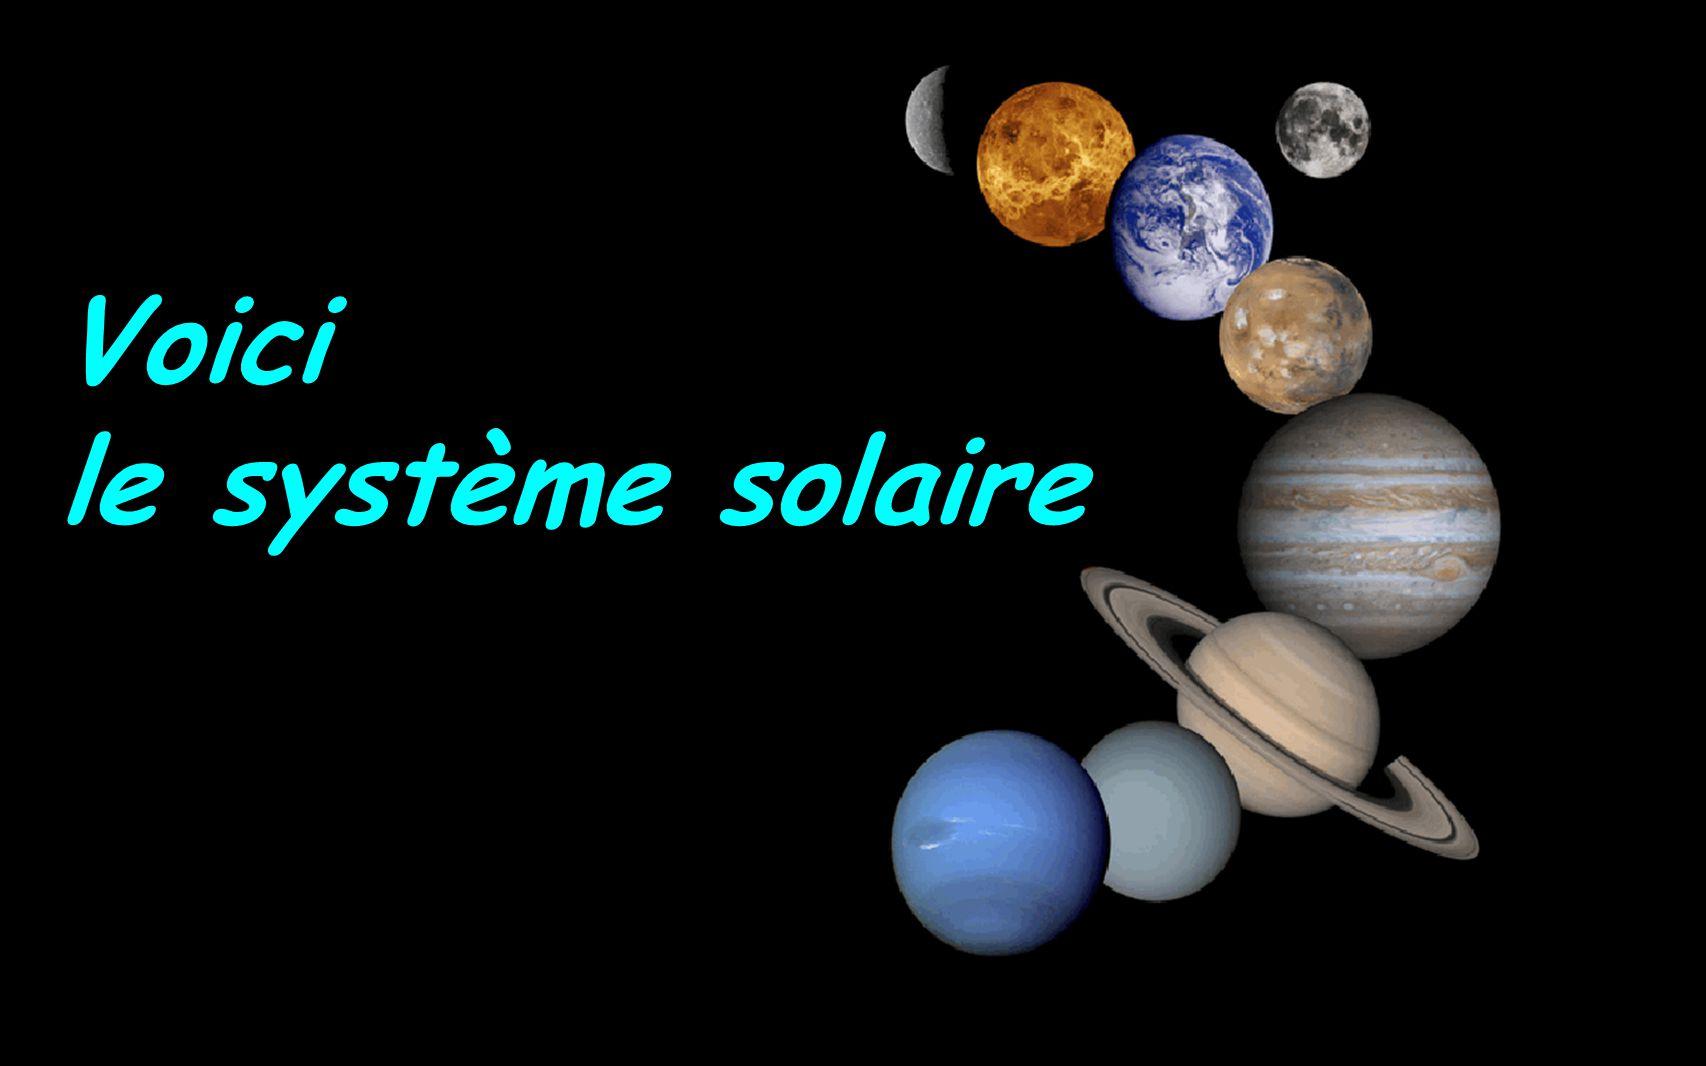 Voici le système solaire